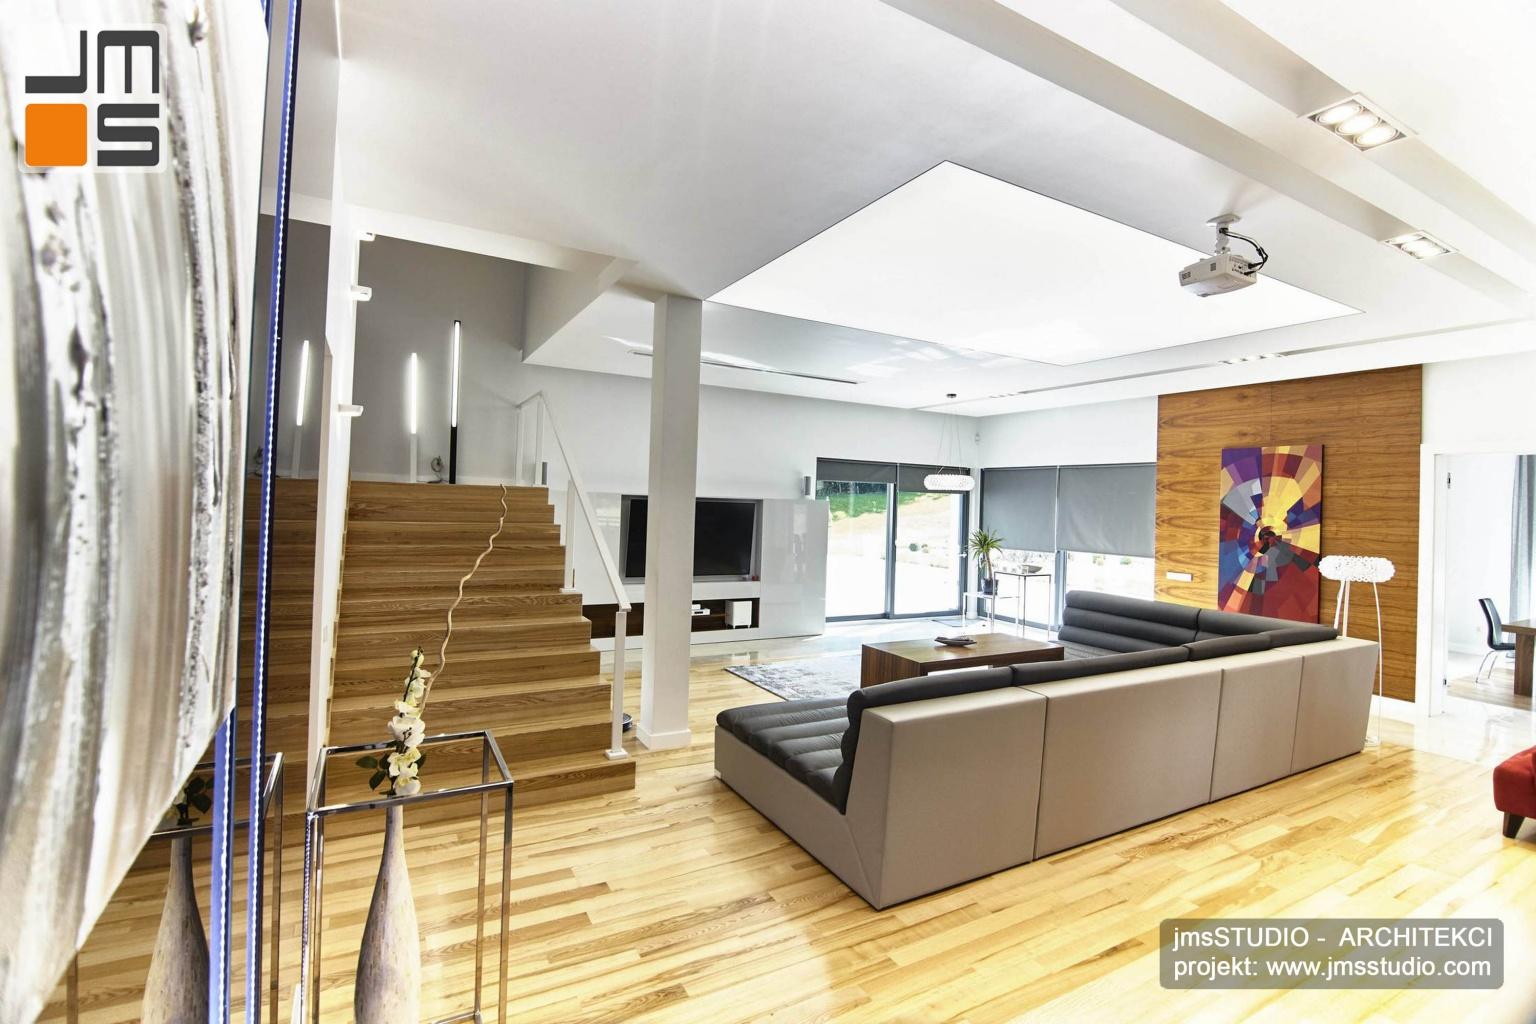 2018 06 w bardzo dużym salonie domu pod Poznaniem w projekcie wnętrz przewidziano dekoracyjne grafiki i obrazy jako elementy wystroju